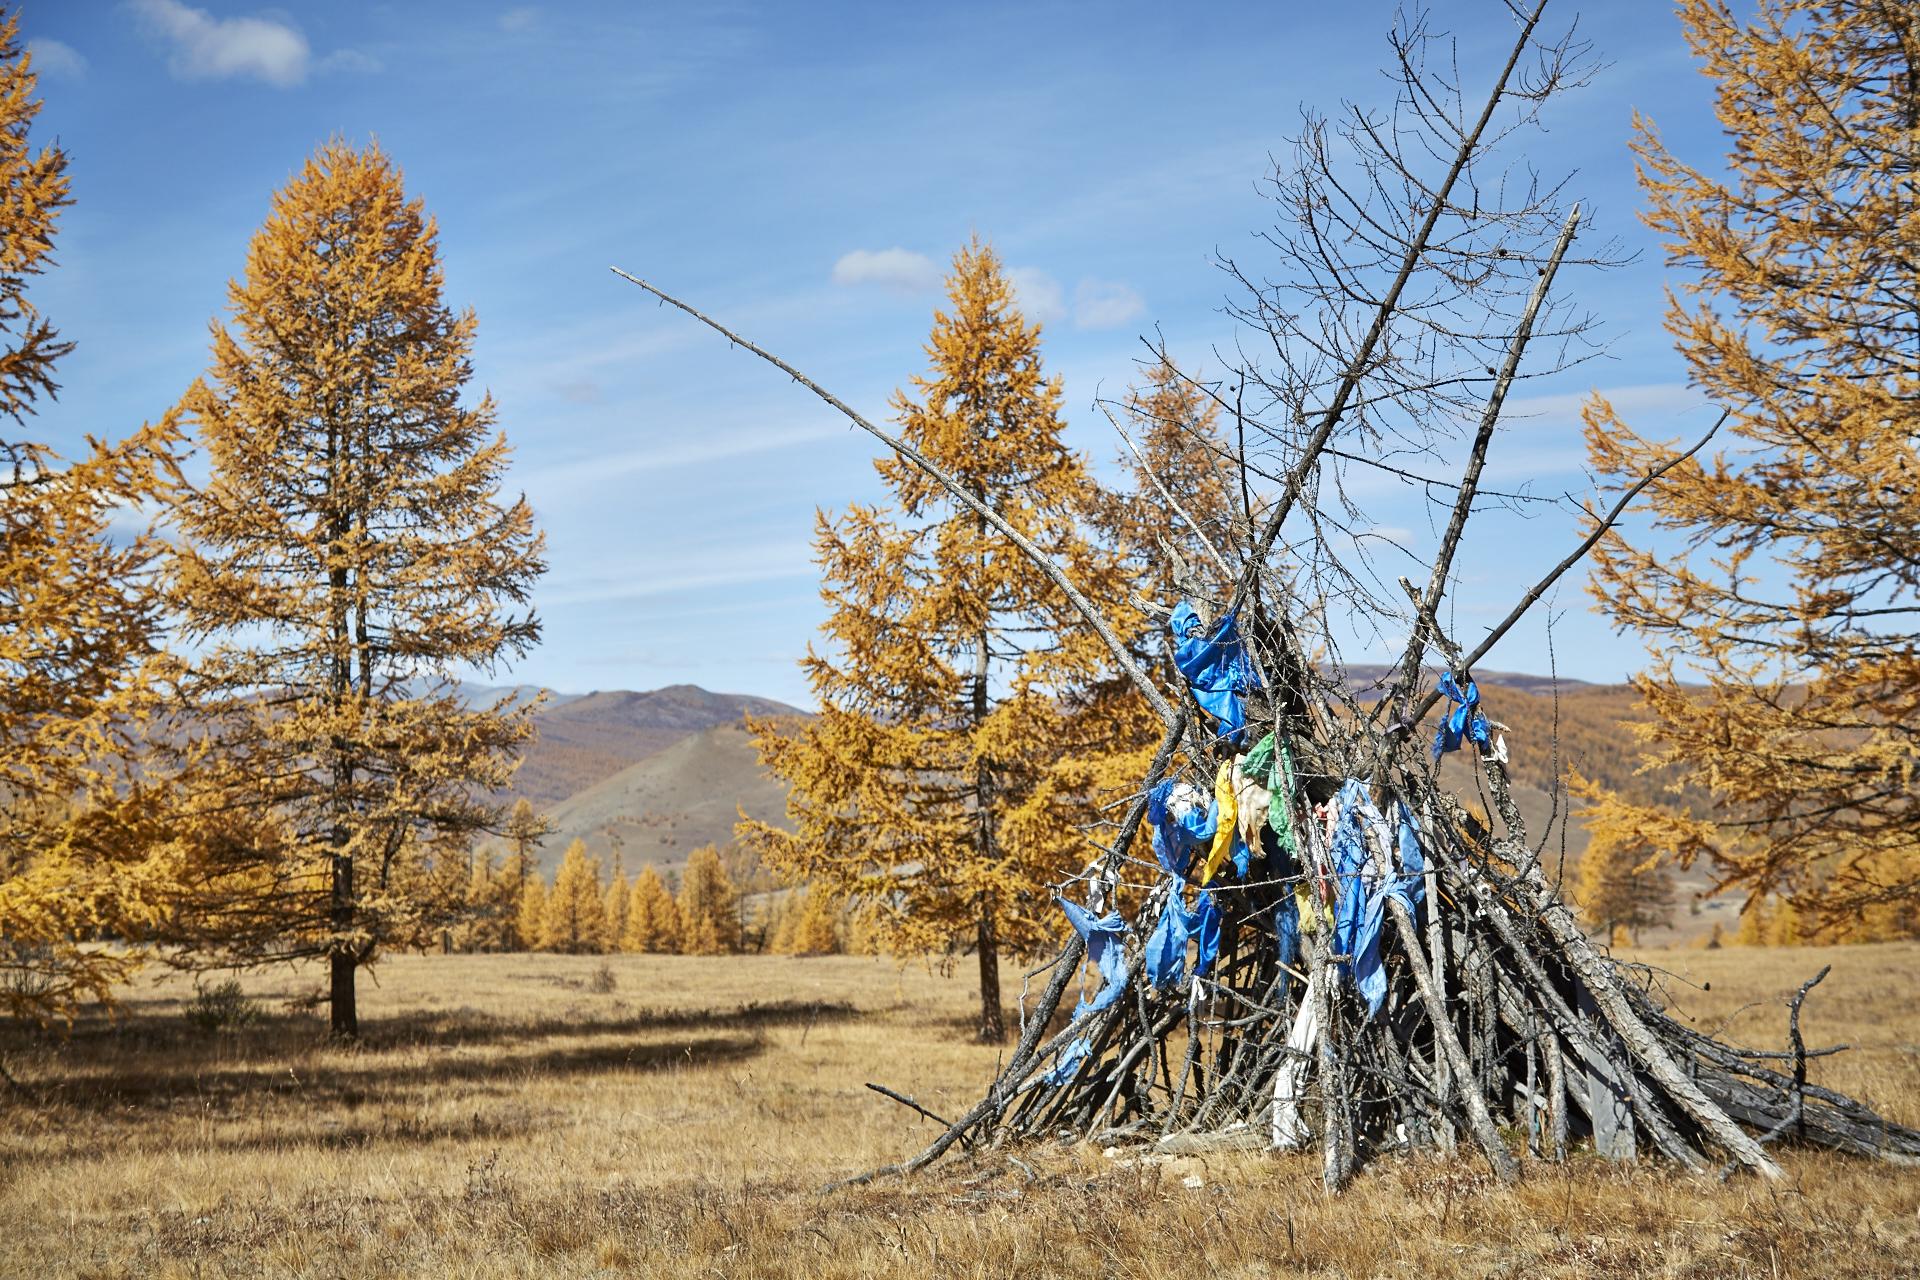 4x4 Abenteuerreise: Ein Tag in der Mongolei 10